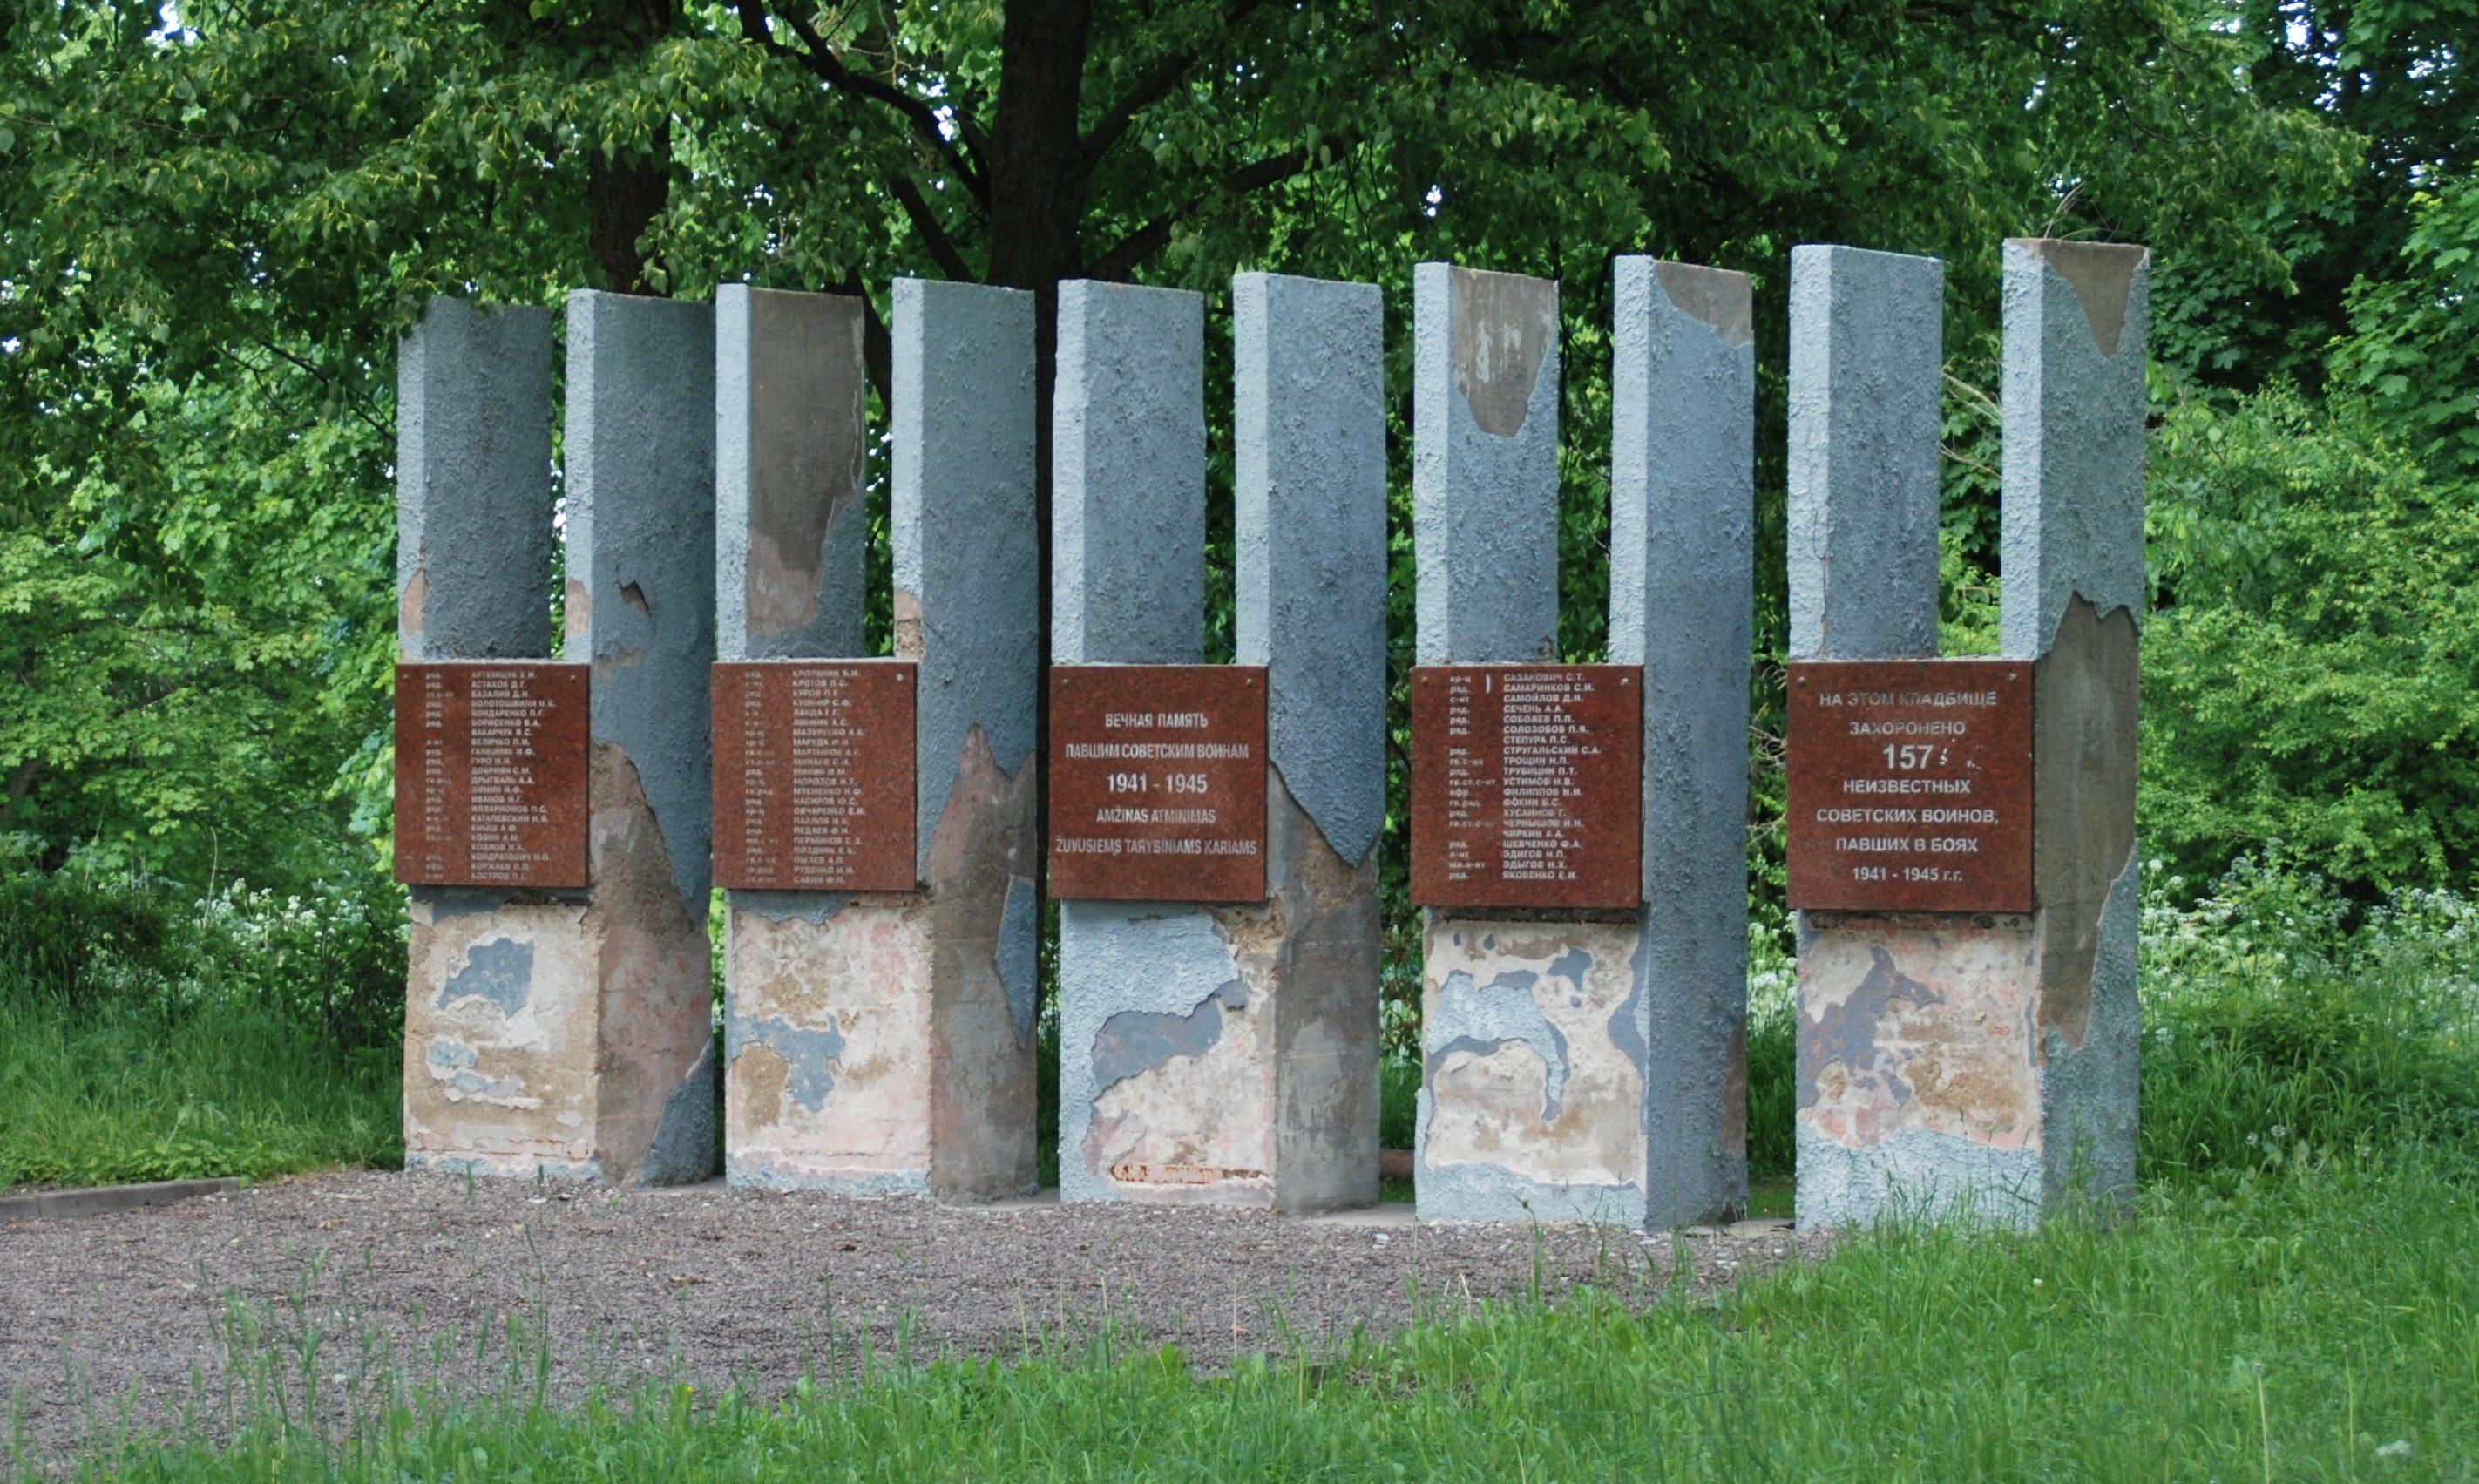 п. Сурвилишкис Кедайняйского р-на. Памятник по улице Кедайнюд, установленный на братской могиле, в которой похоронено 220 воинов, в т.ч. 157 неизвестных, погибших летом 1944 года у сёл Калнабярже и Казокай.